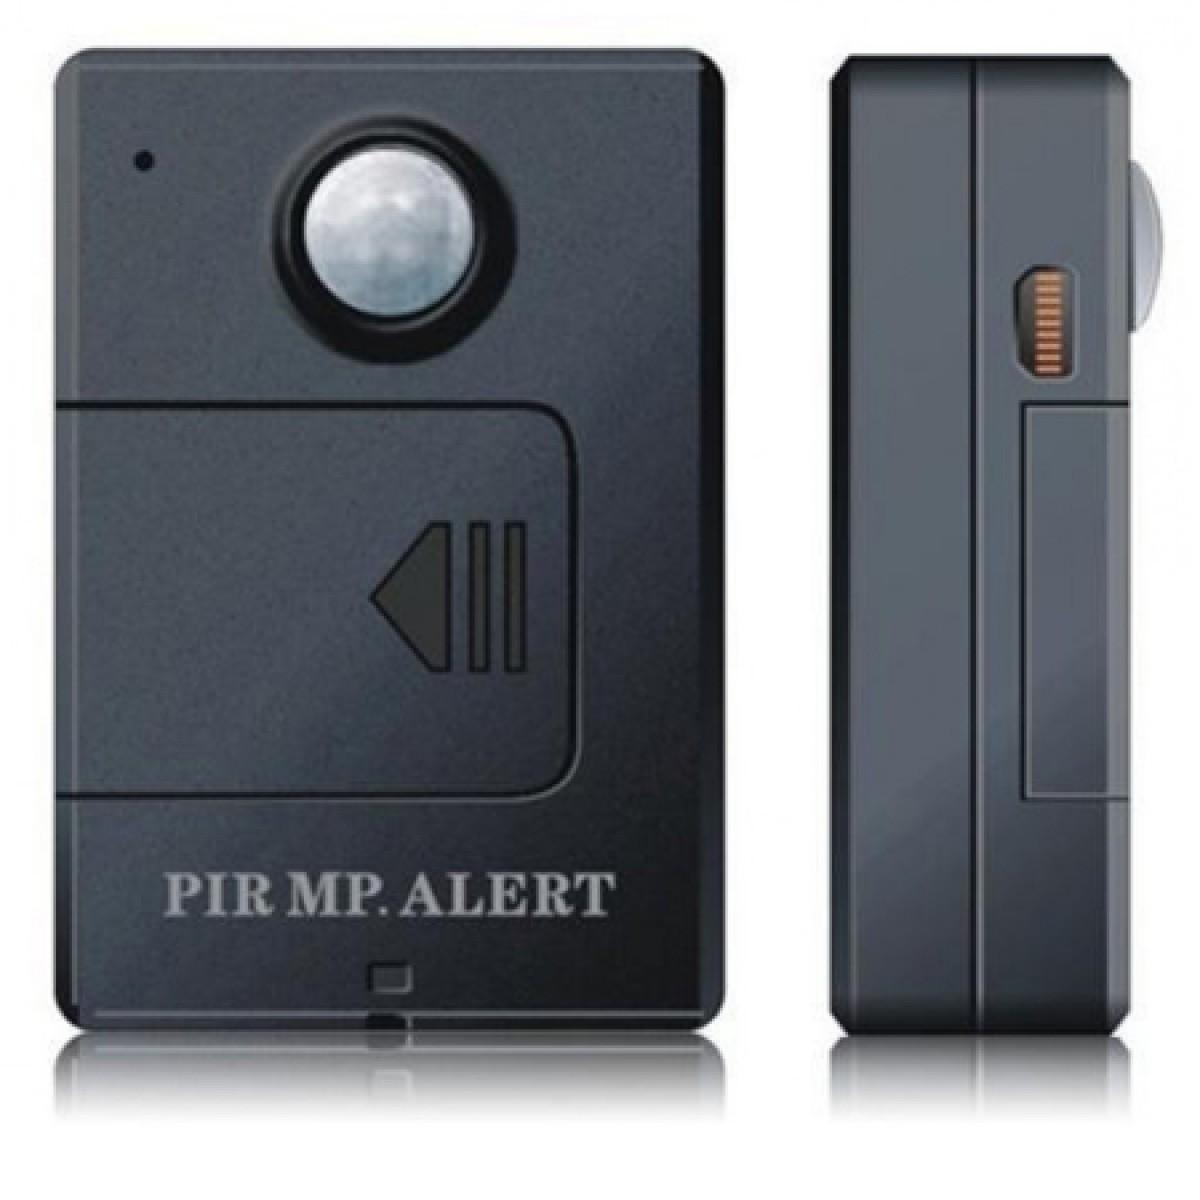 Ανιχνευτής Κίνησης Με Ειδοποίηση Στο Κινητό Σας – Εποπτεία Χώρου PIR A9